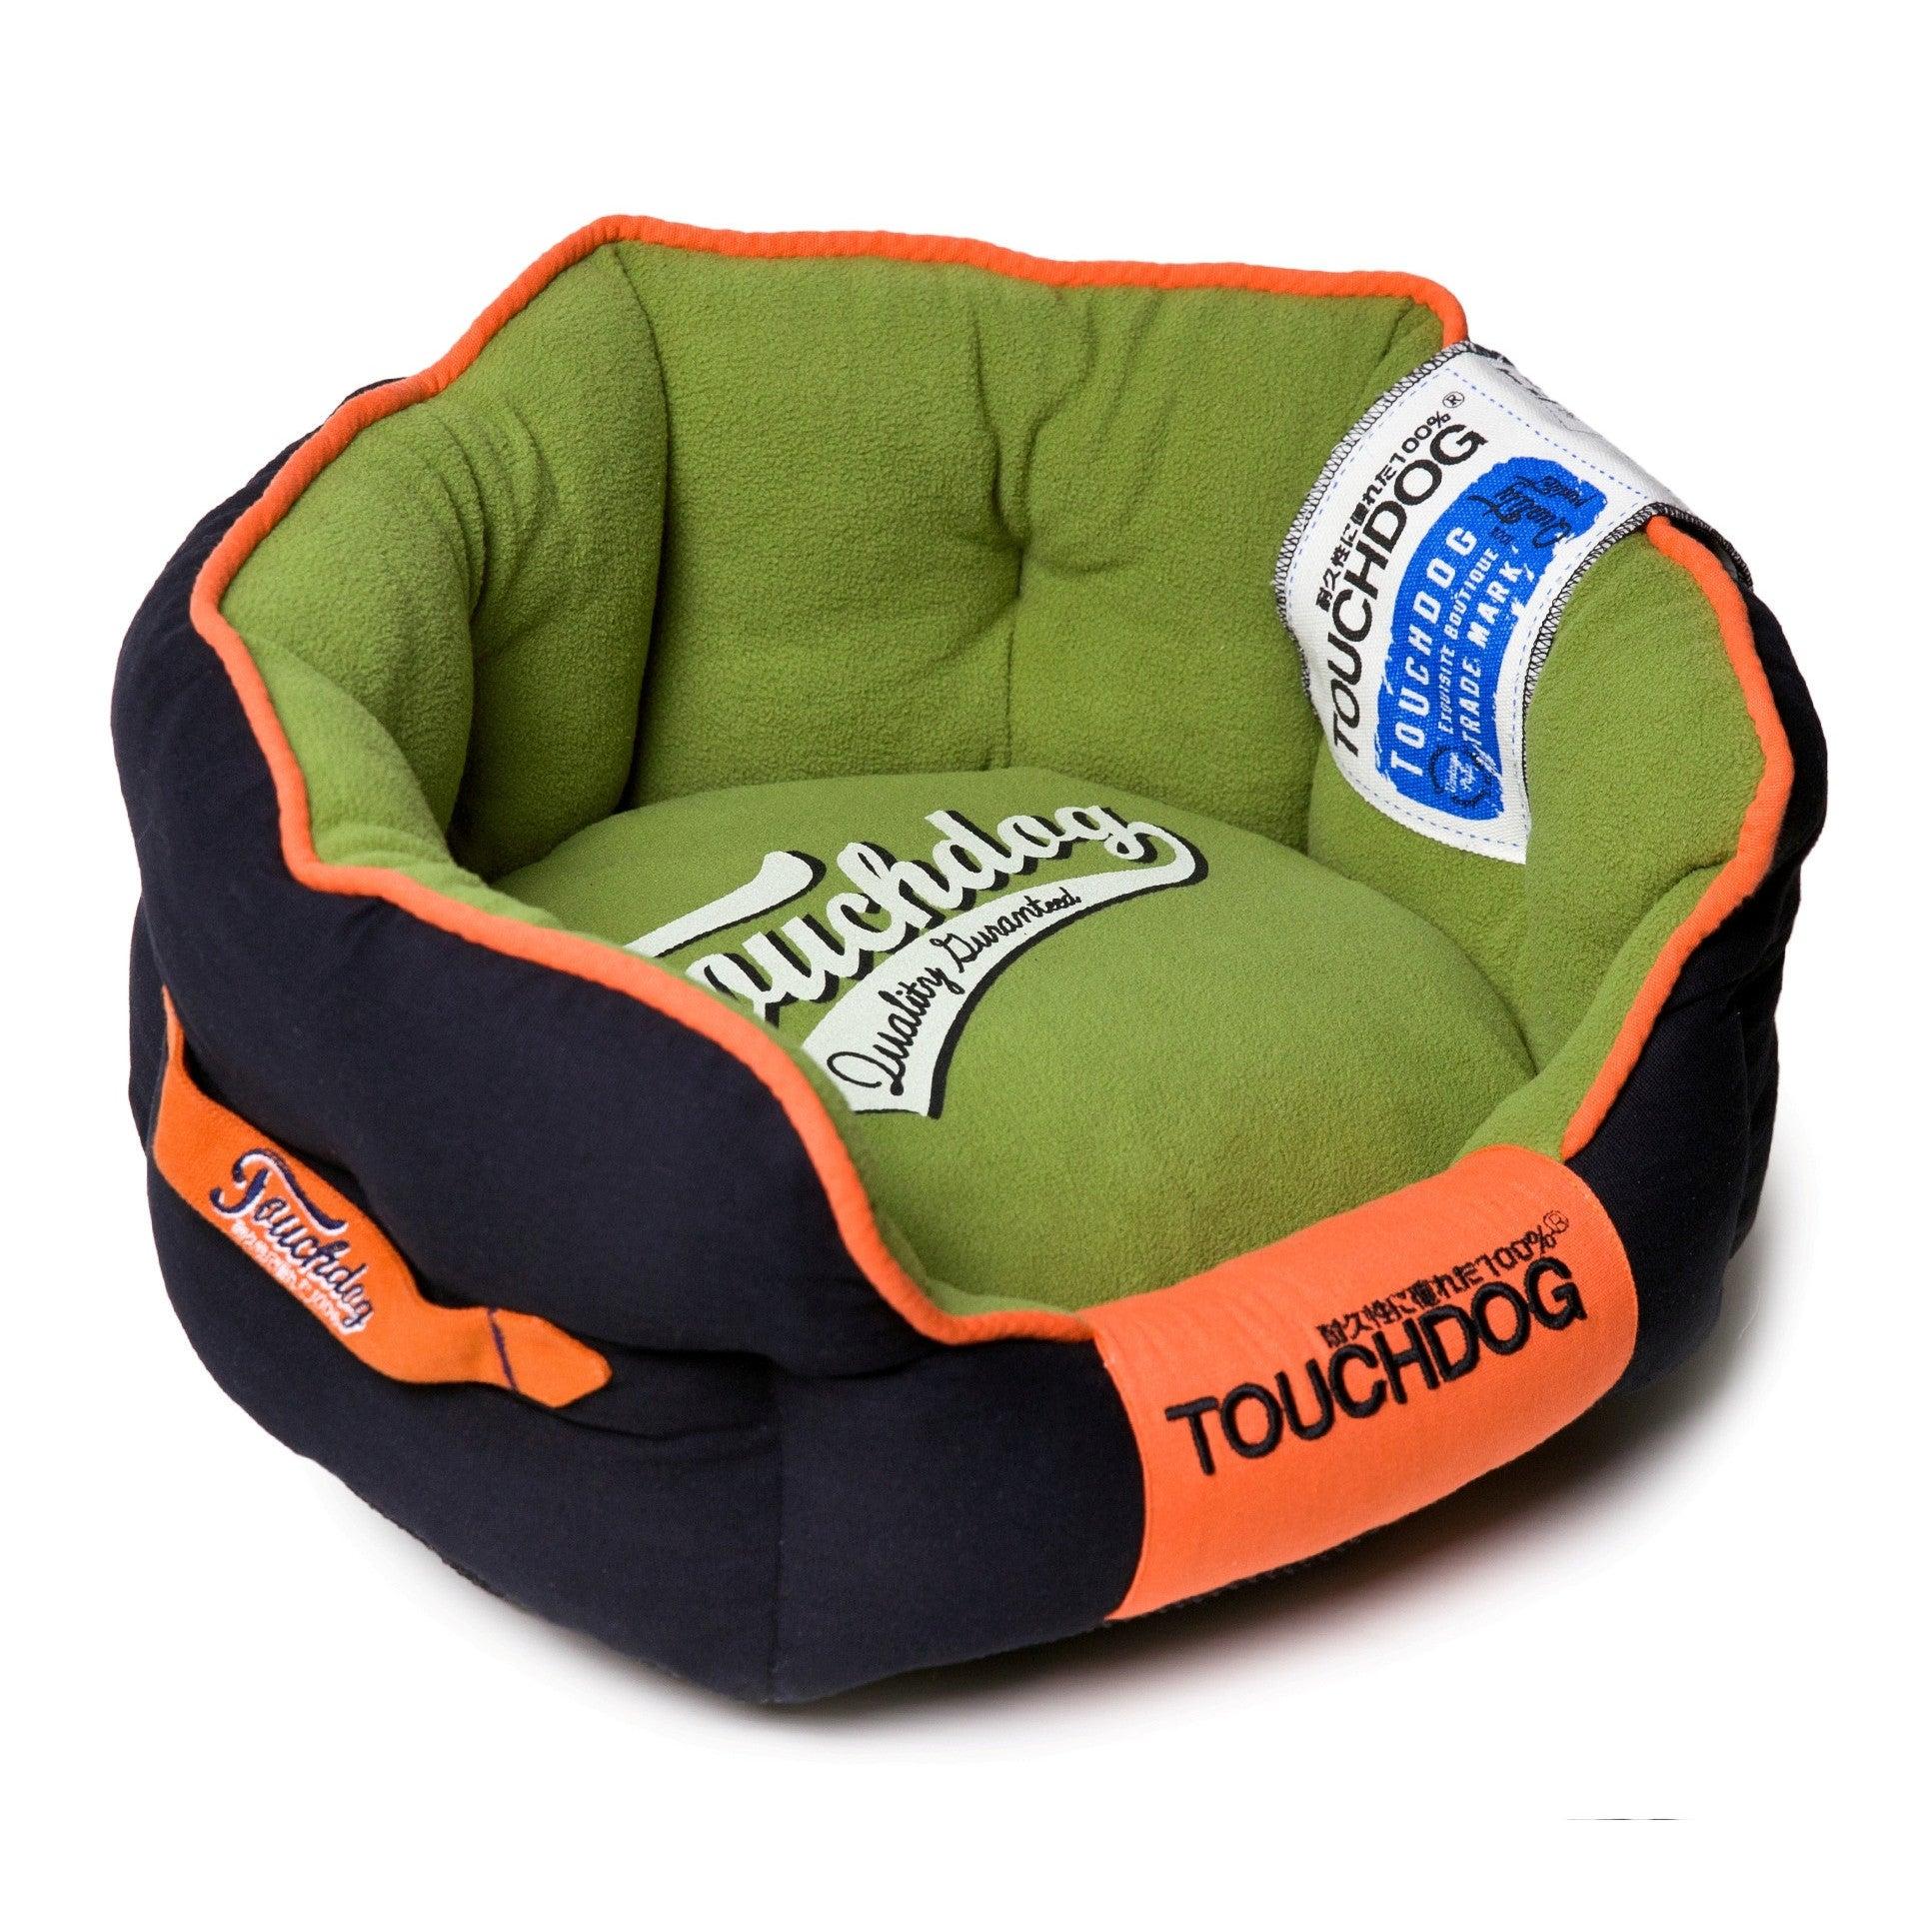 Petlife Touchdog Original Castle-Bark Ultimate Rounded Pr...